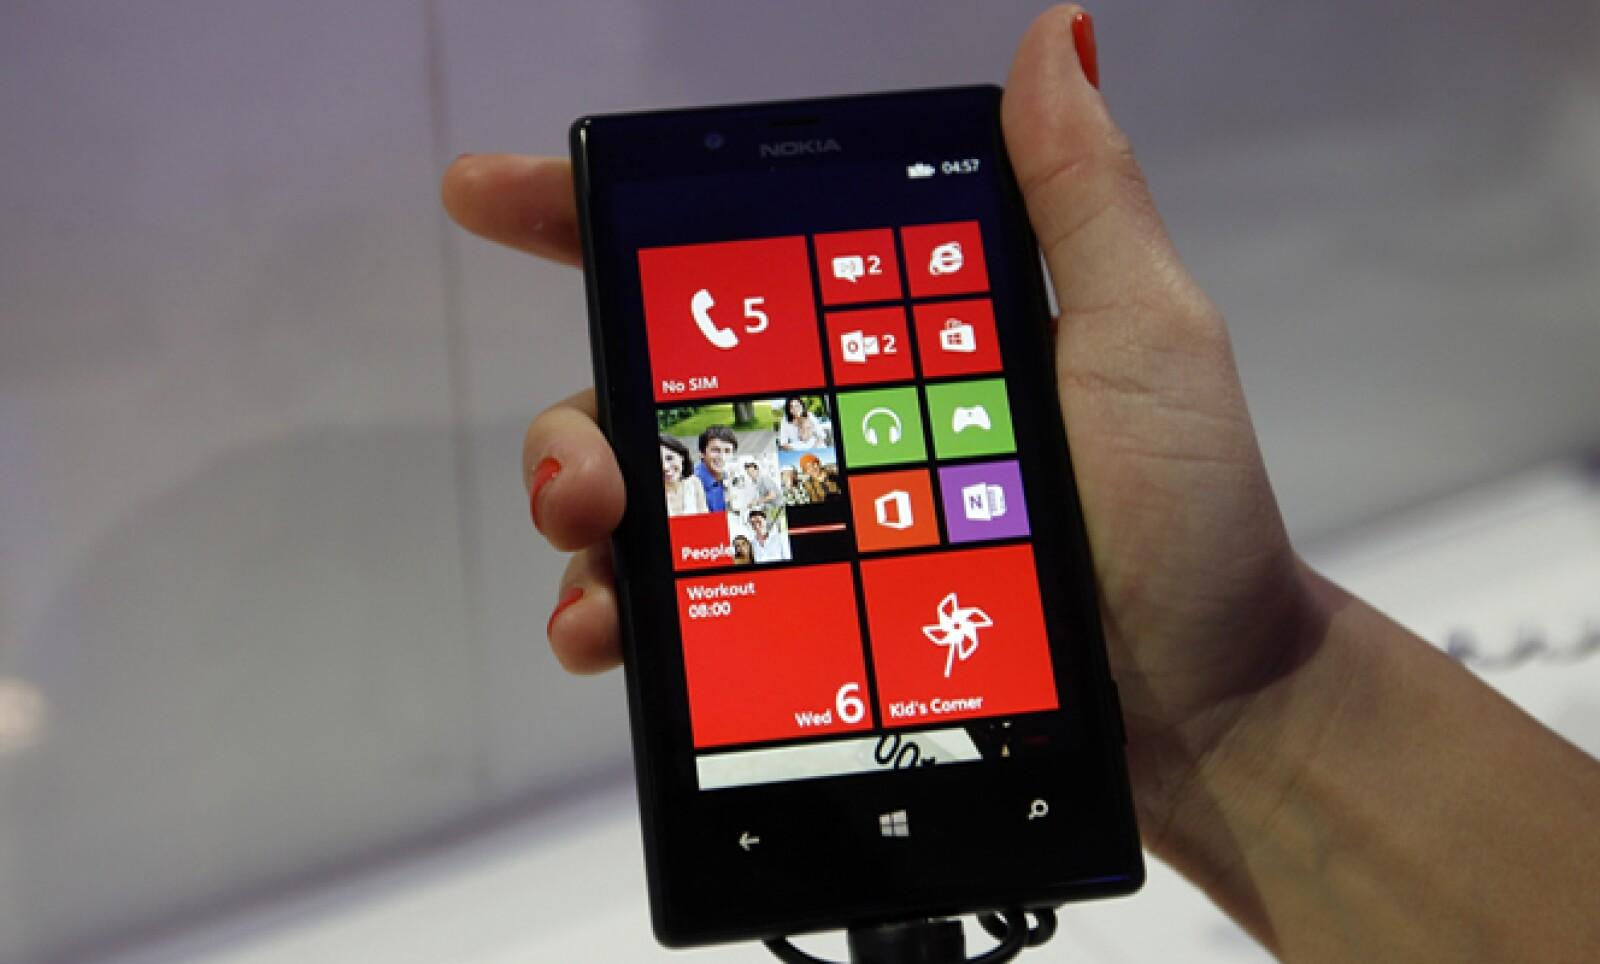 El Lumia 720 de Nokia se presentó en Barcelona tras la conferencia del CEO de la empresa, Stephen Elop.